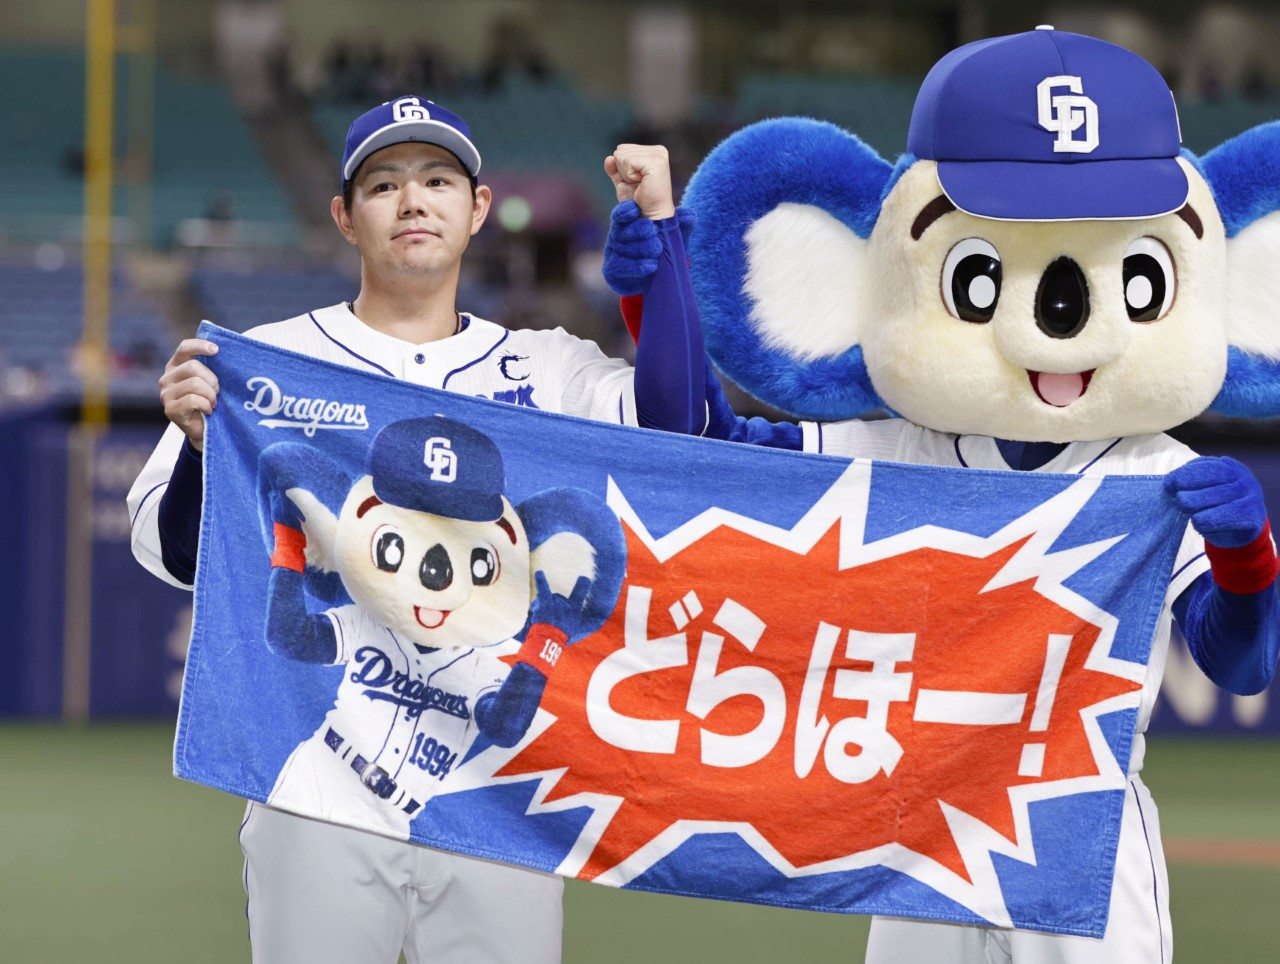 【写真】週間打率5割超を記録した中日・高橋。球団8年ぶりのAクラス入りに大きく貢献した